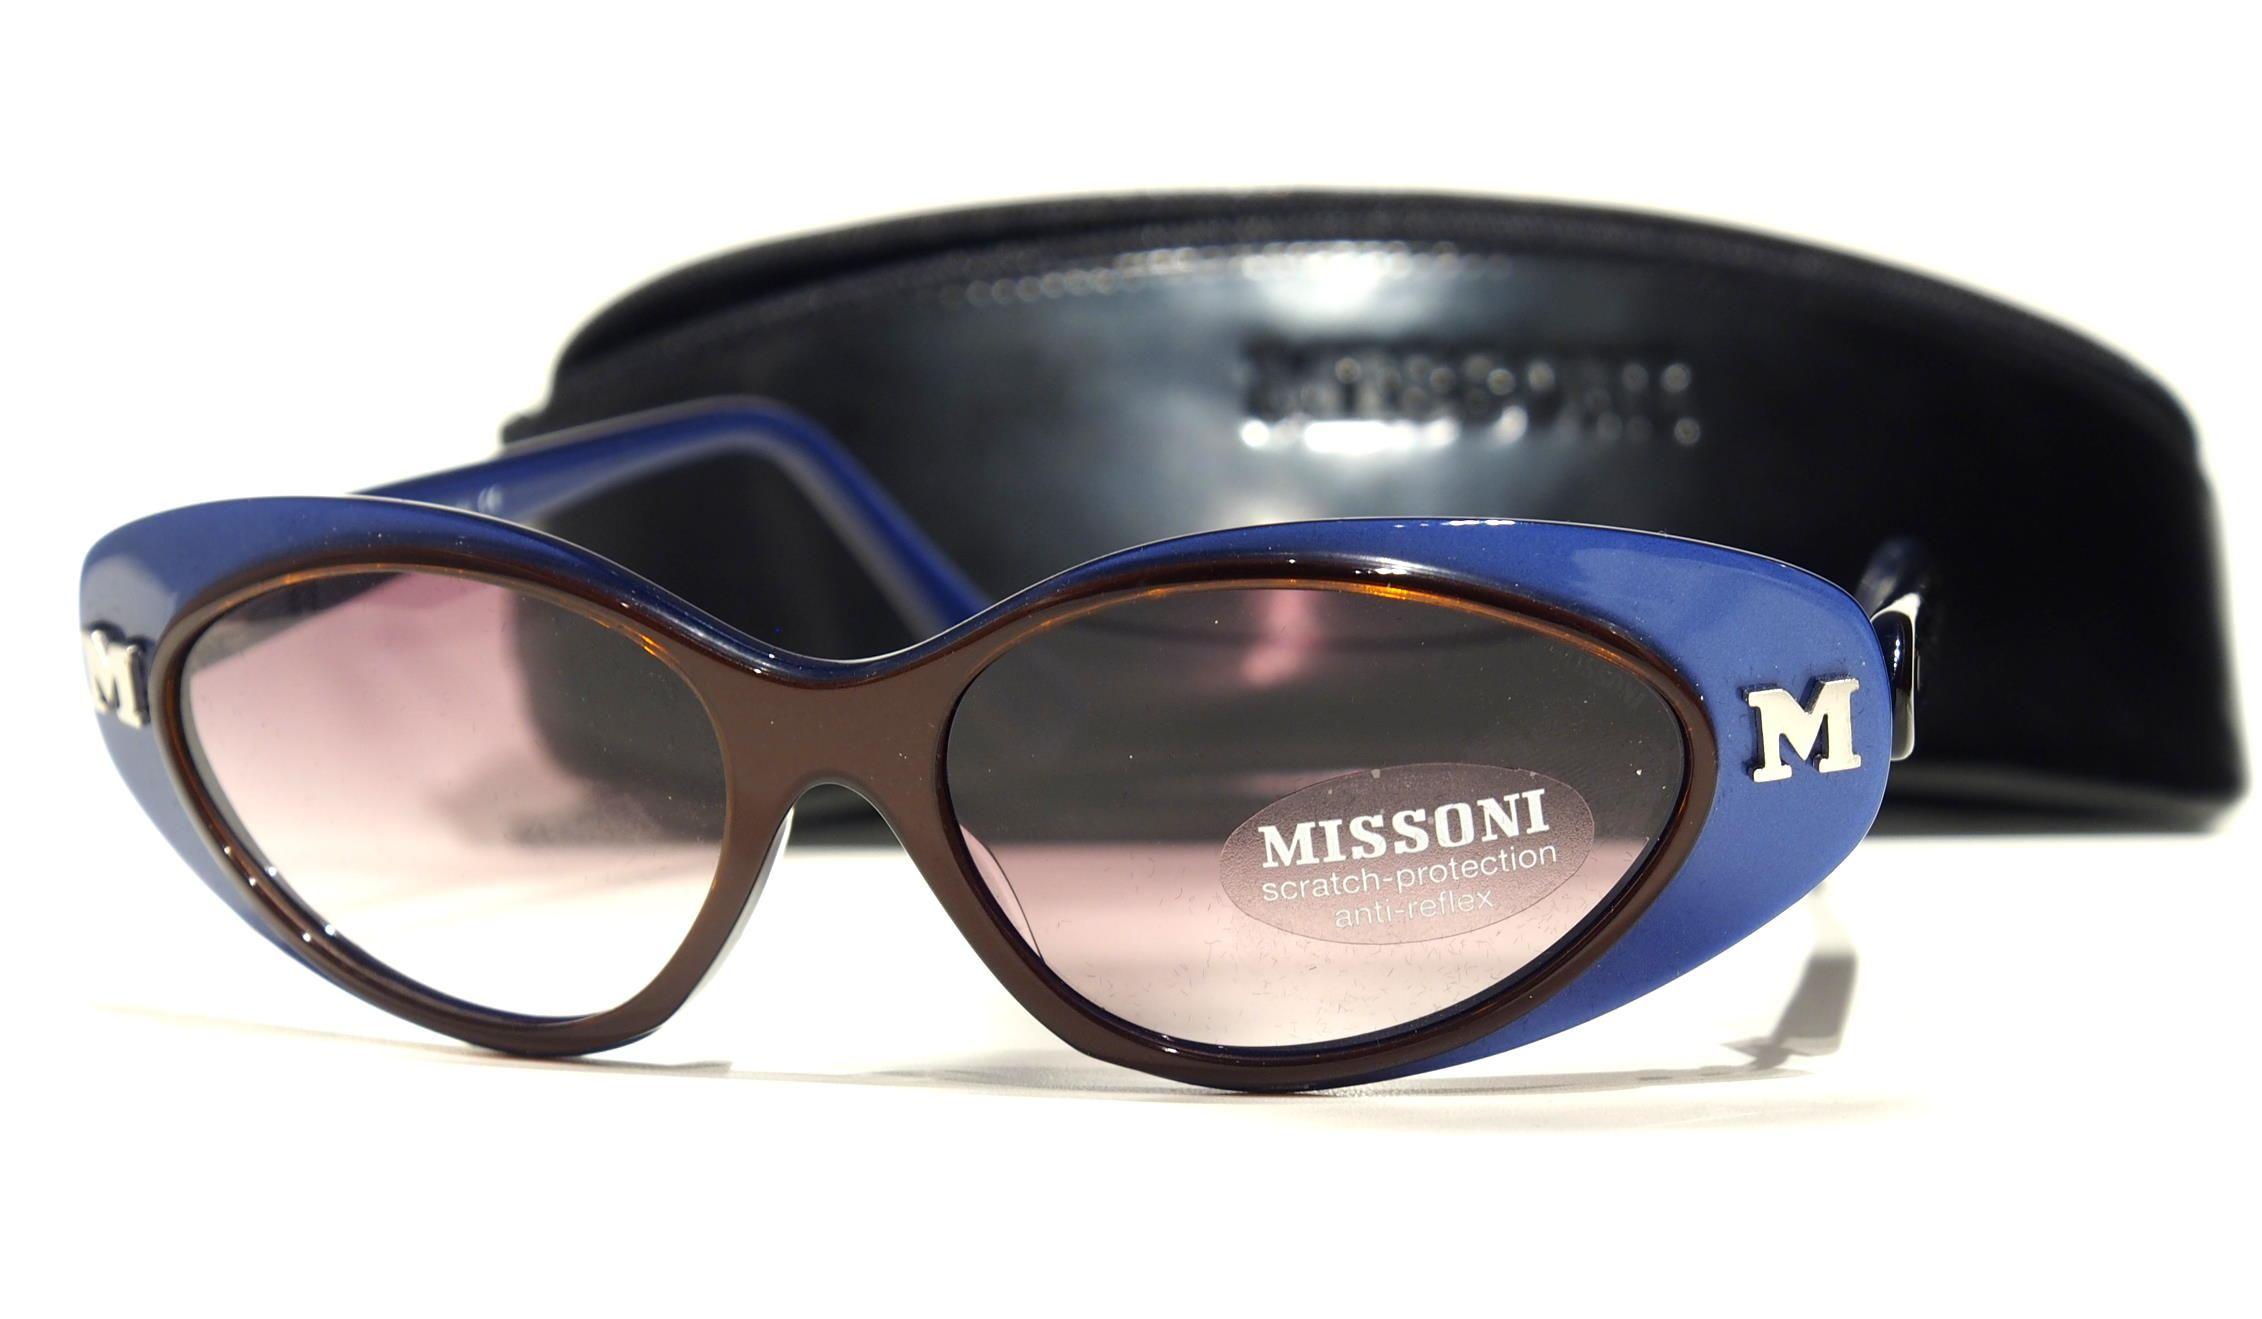 Sonnenbrille von Missoni 90er Jahre Kult-Sonnenbrille echte Vintagebrille